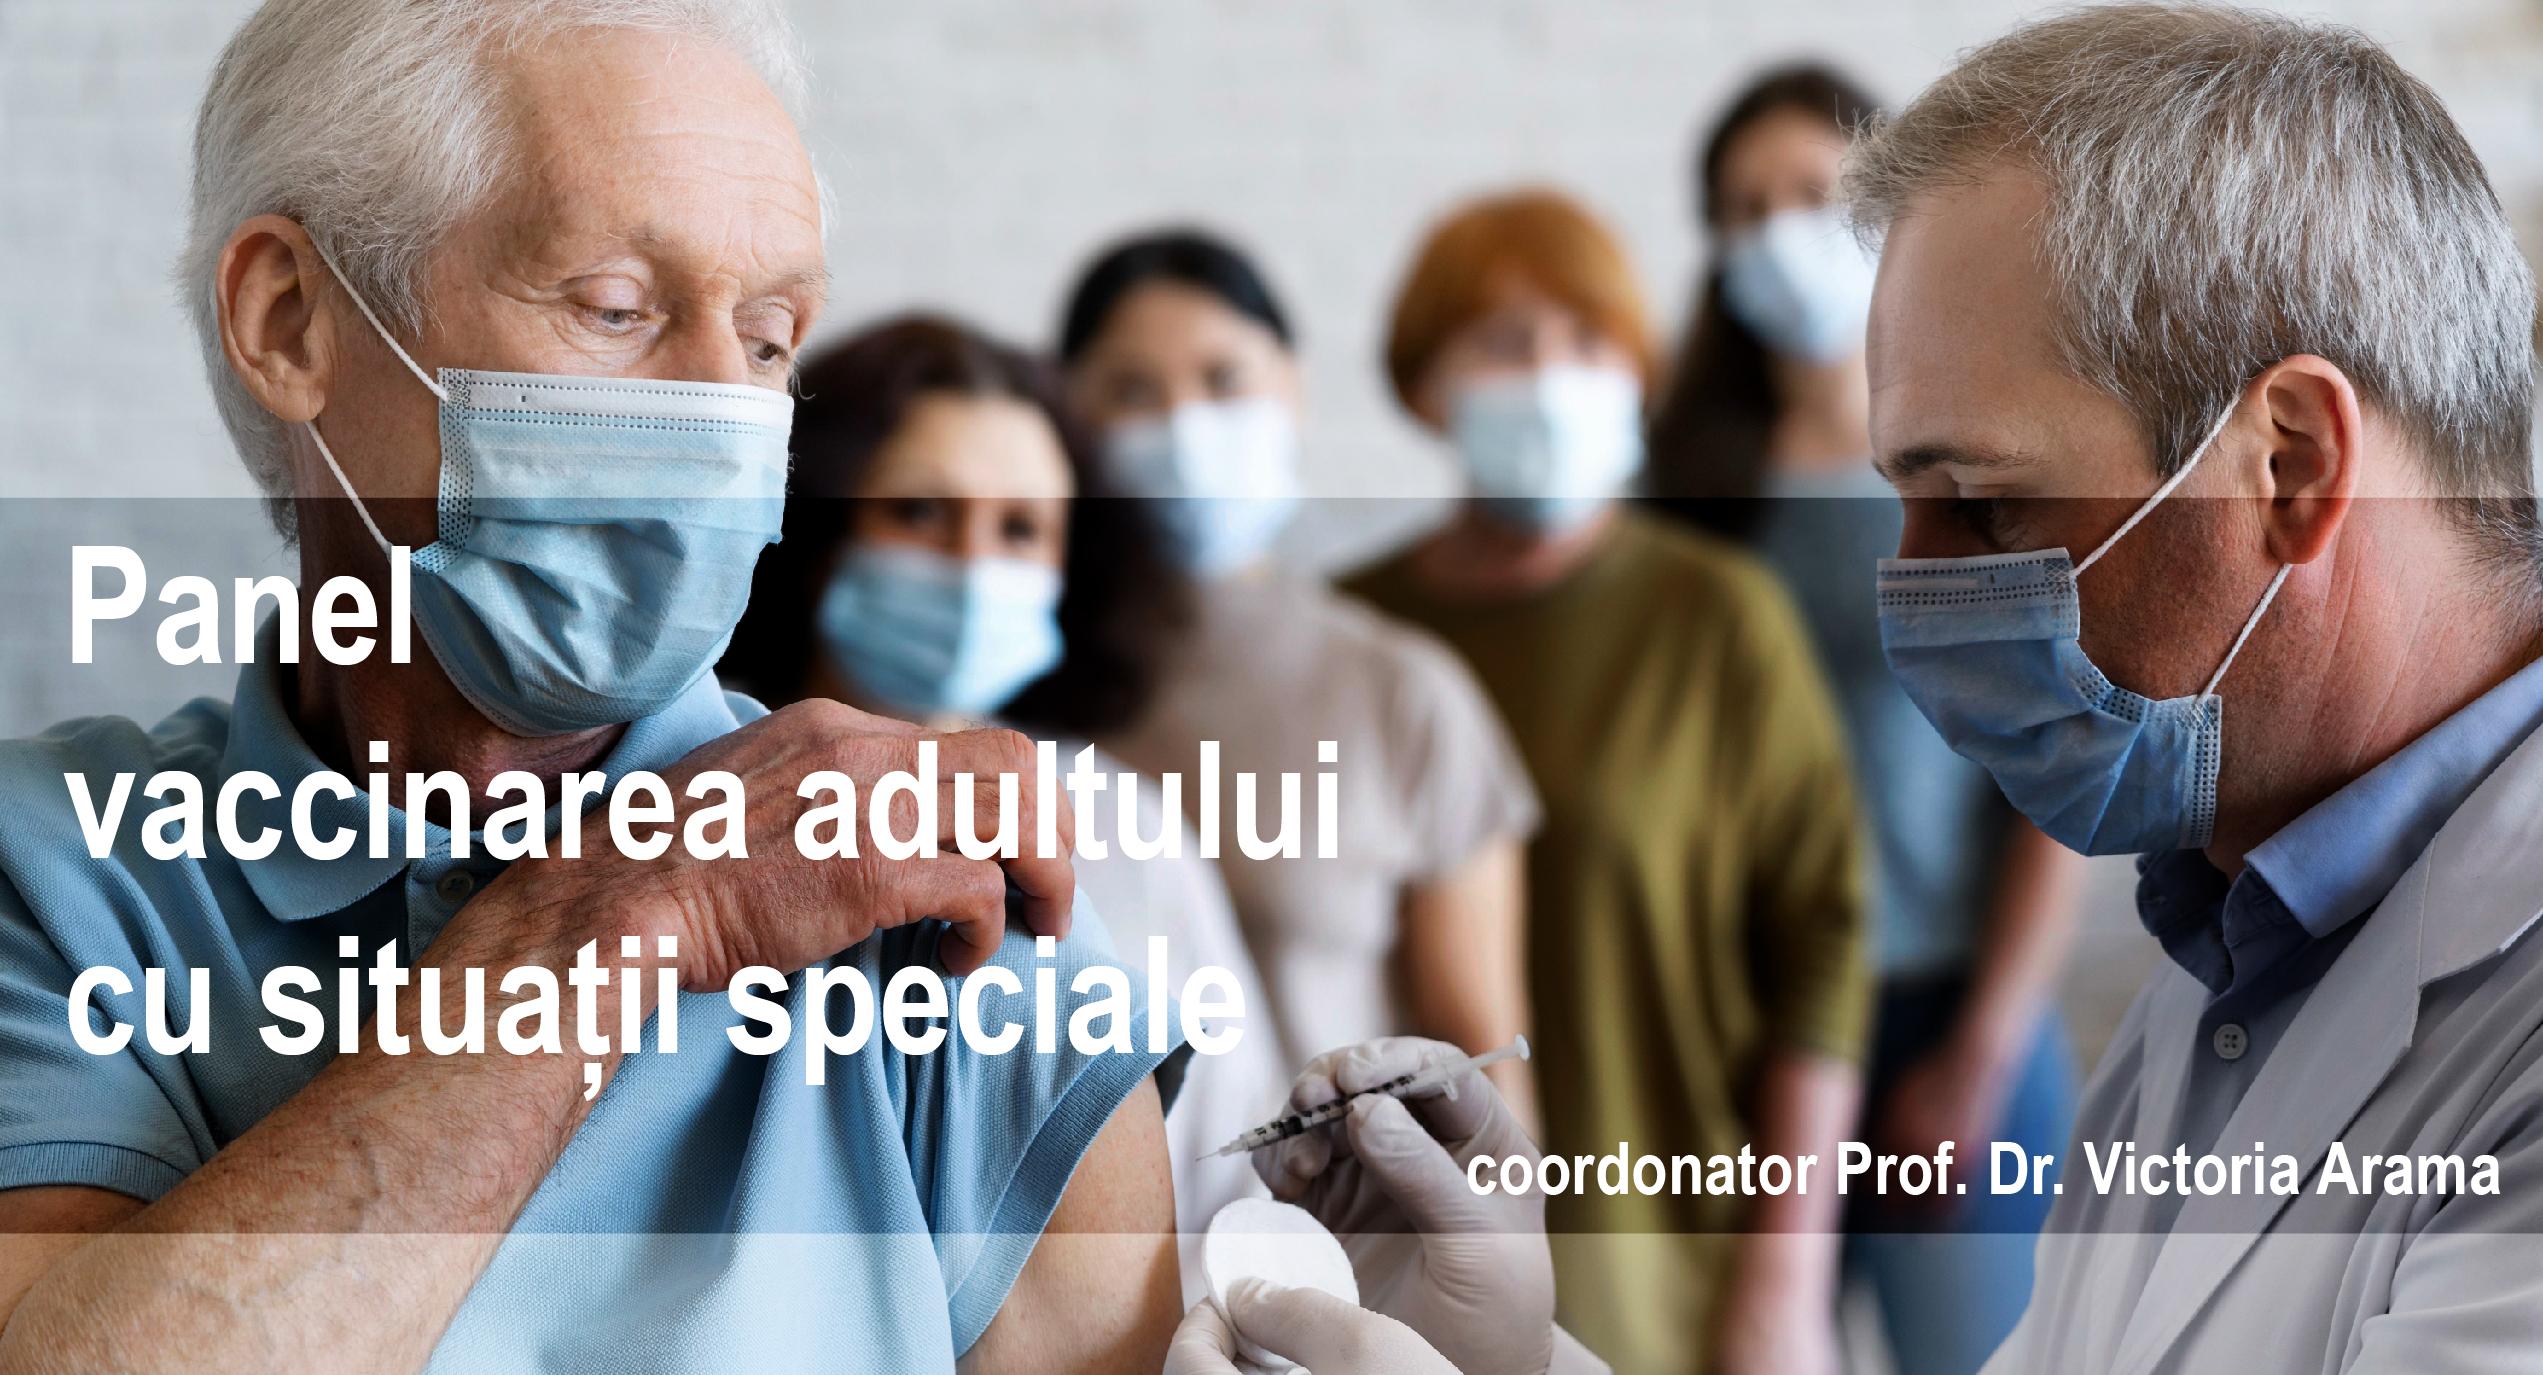 Panel vaccinarea adultului cu situații speciale